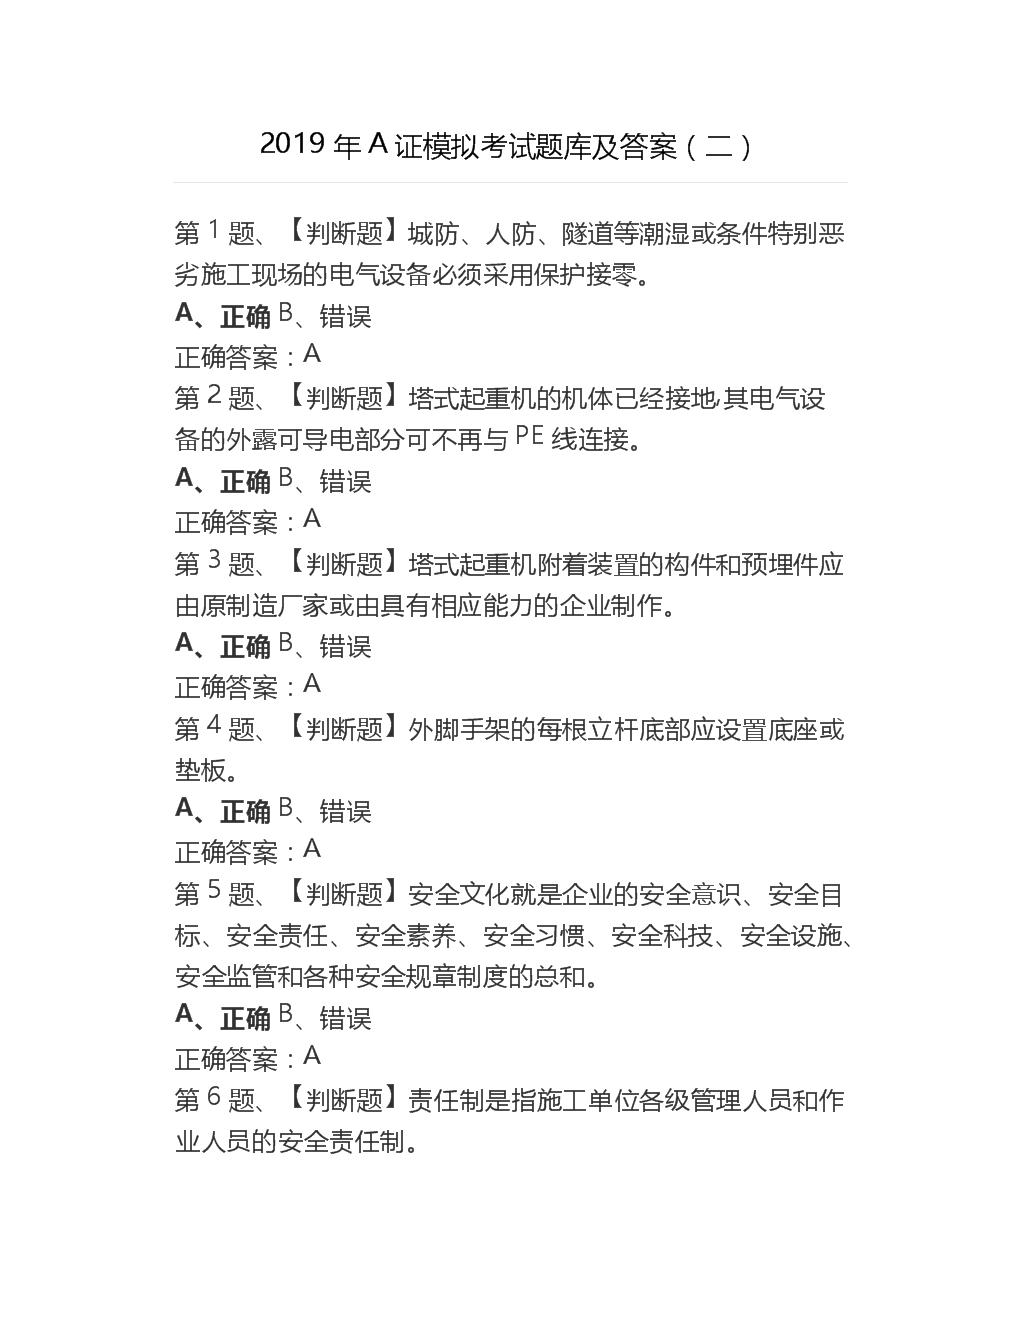 2019年A证模拟考试题库及答案(二).doc